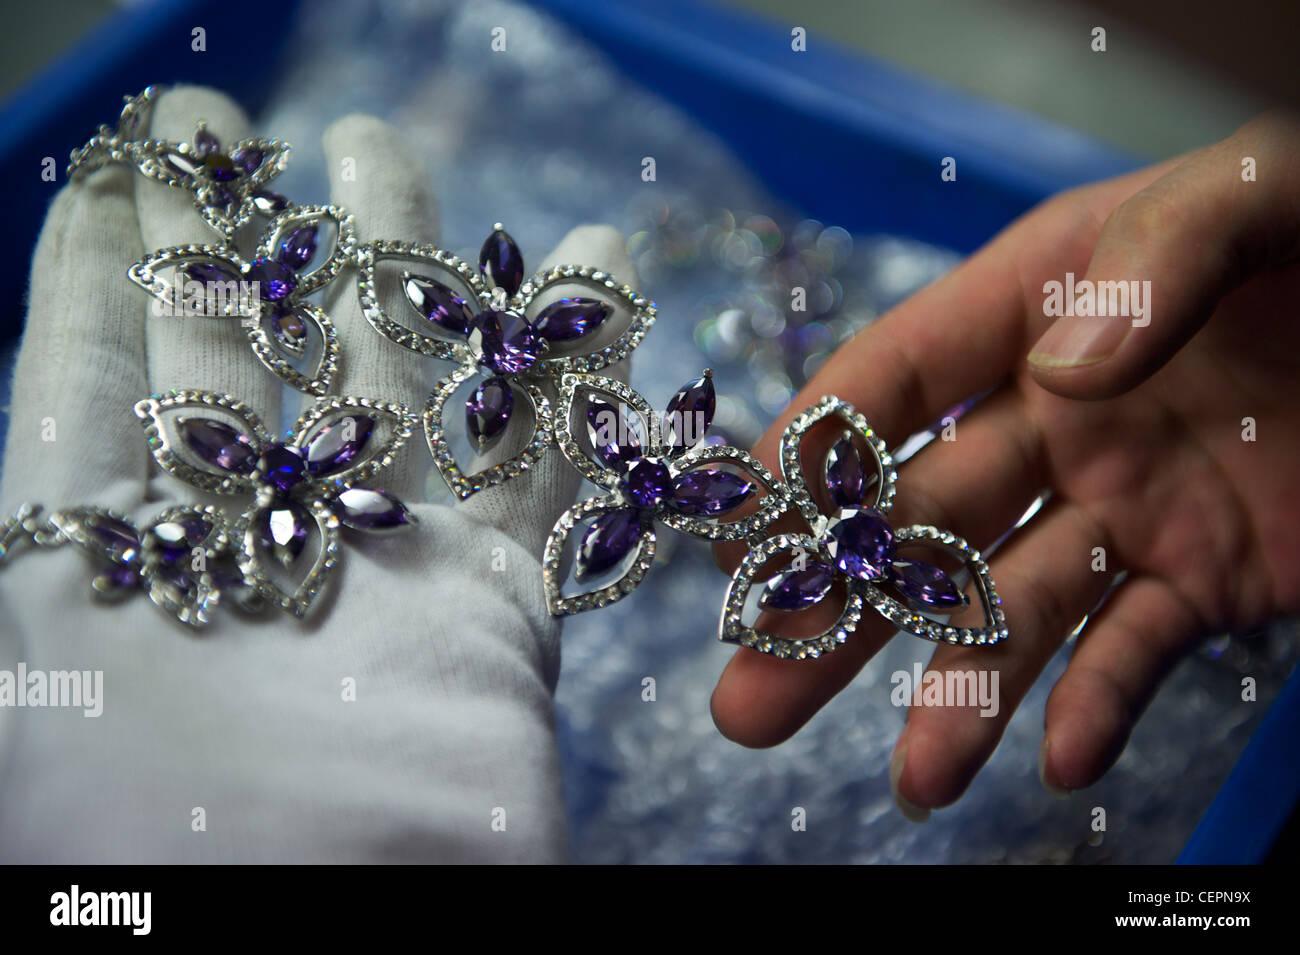 Los empleados realizar bisutería en Zhejiang Neoglory Jewelry Co., Ltd. en Yiwu, Zhejiang, China. 07-Nov-2011 Foto de stock